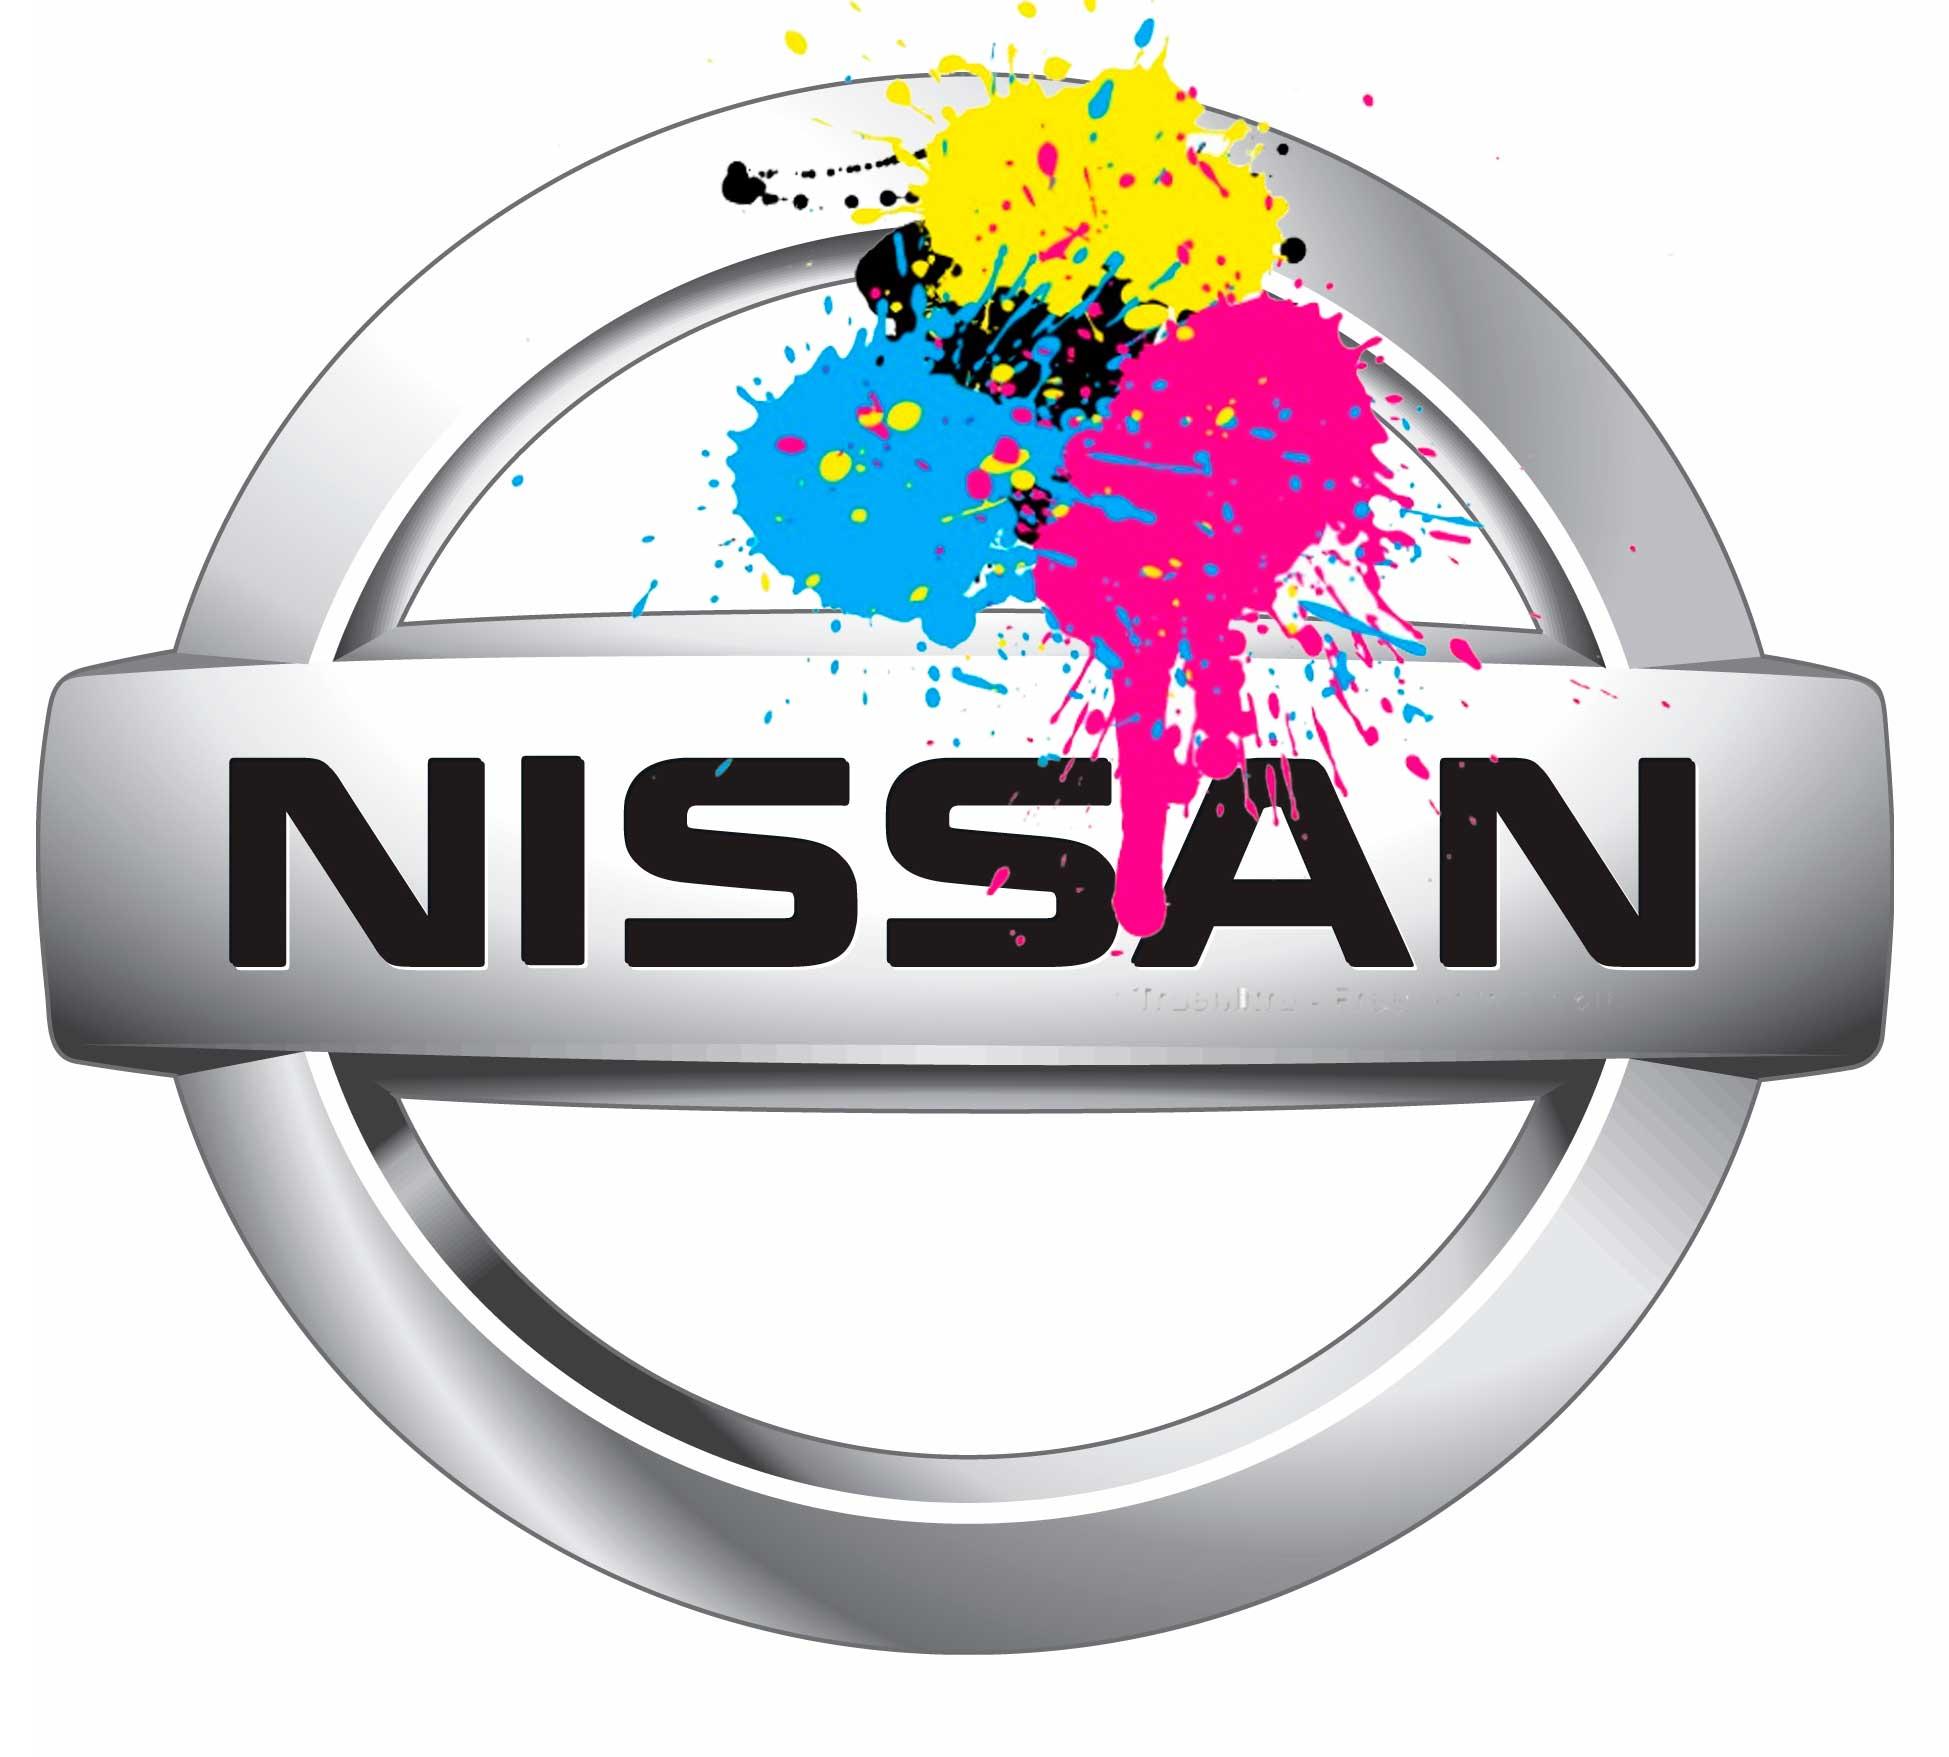 tintas-anti-sujeiras-da-nissan.jpg - Enviado em: 28/04/2014